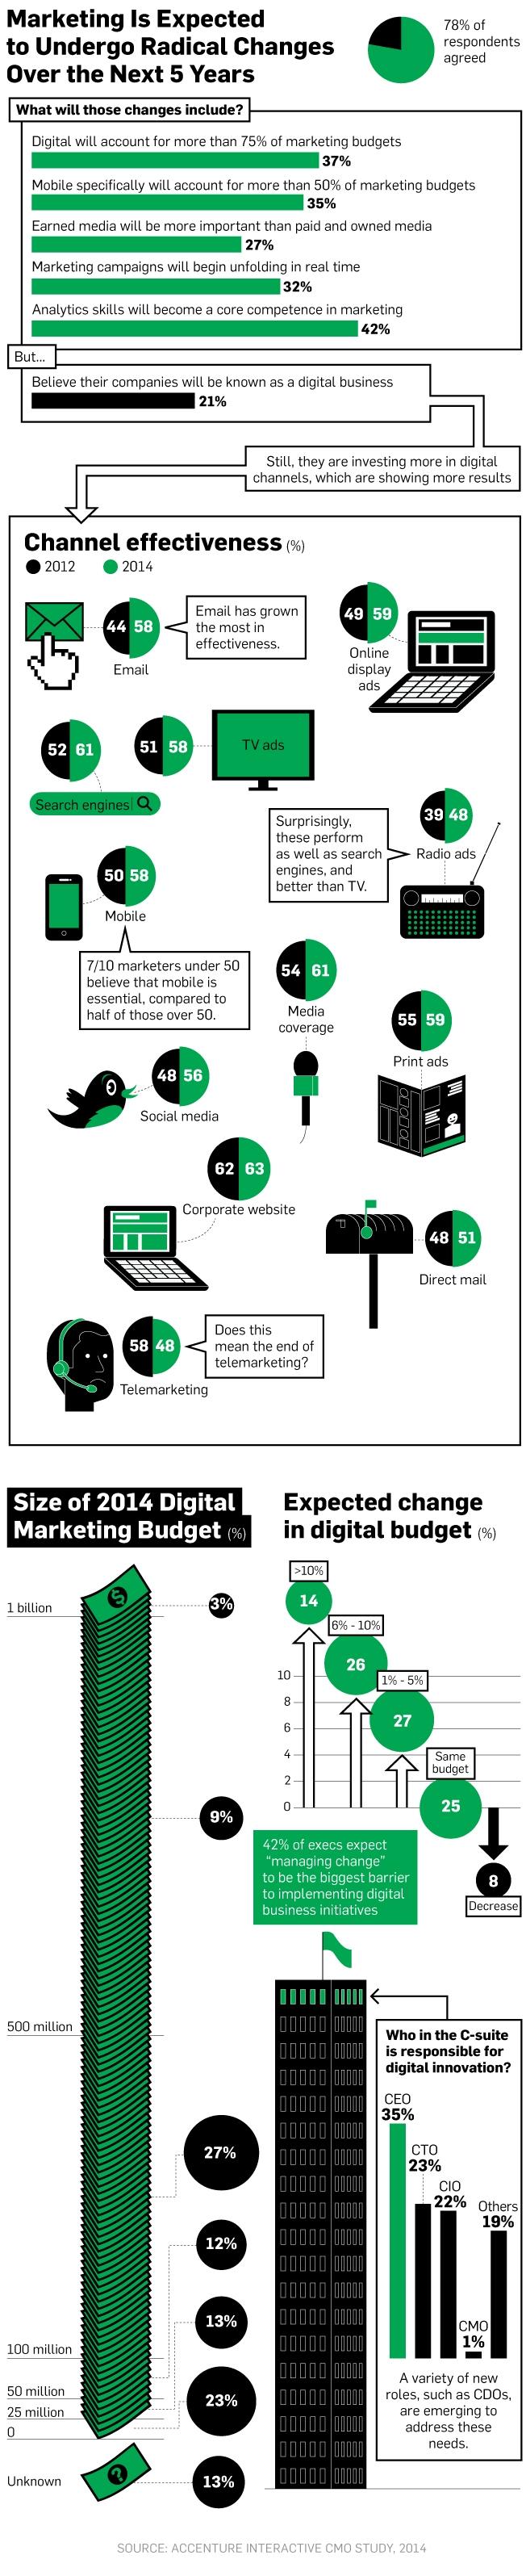 Se esperan cambios radicarles en Marketing en los próximo 5 años